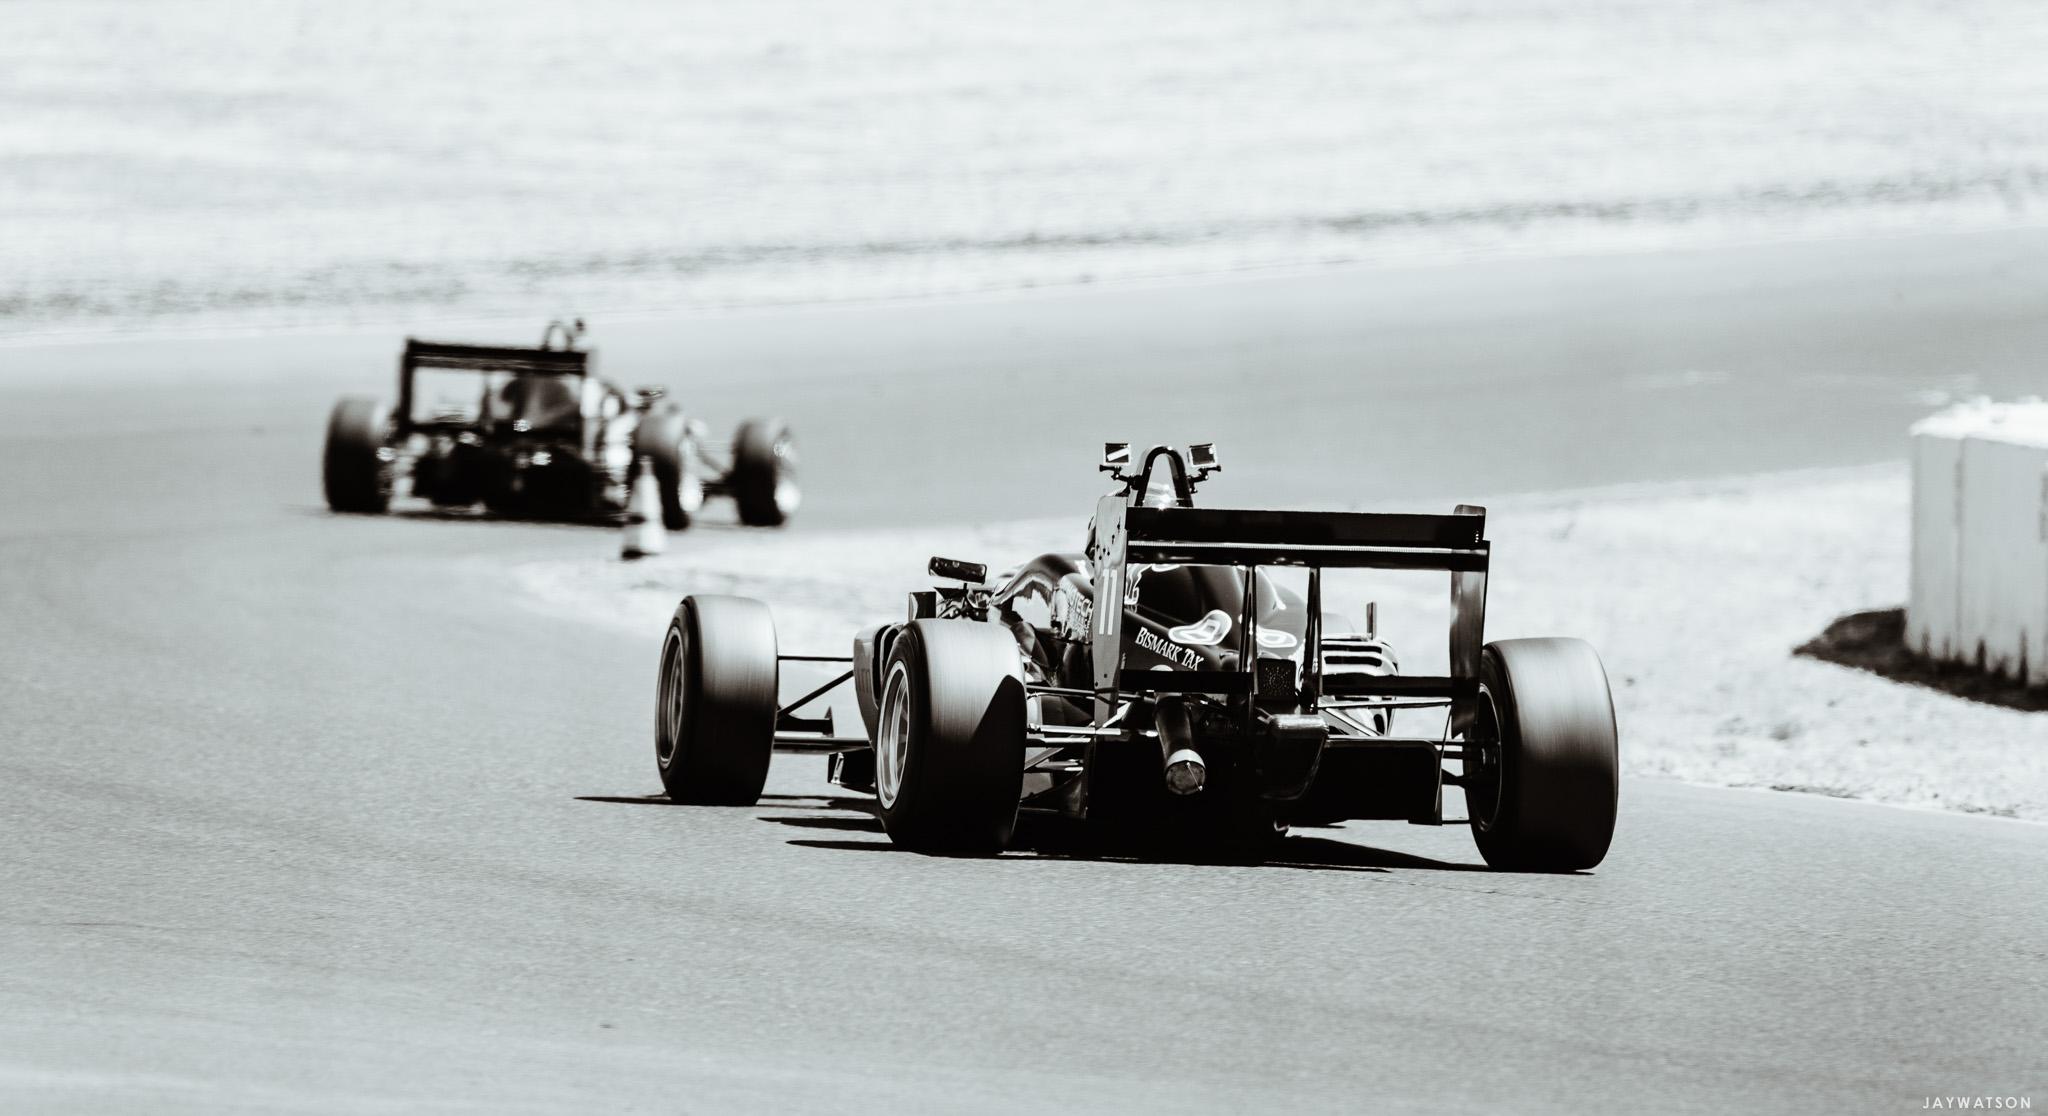 Video: Formula 3 Racing at Sonoma Raceway